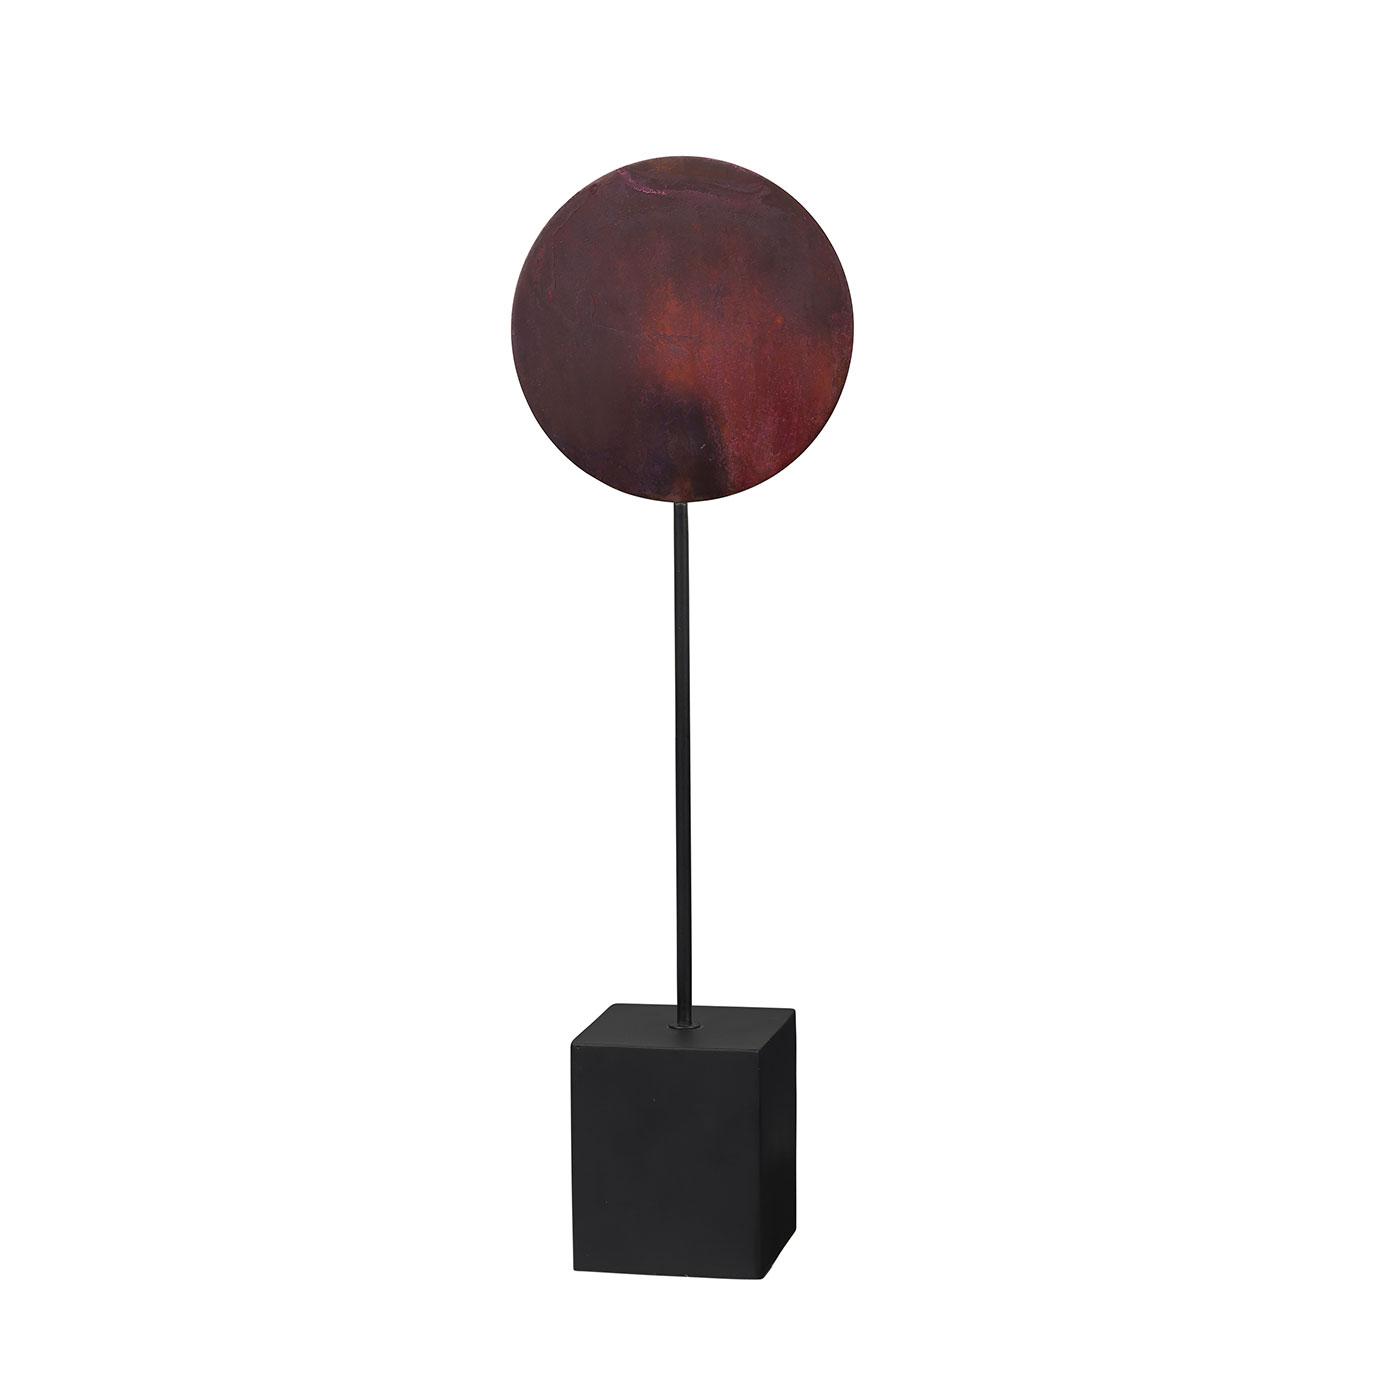 Objet décoratif Asle Broste Copenhagen Version - Rouge patiné